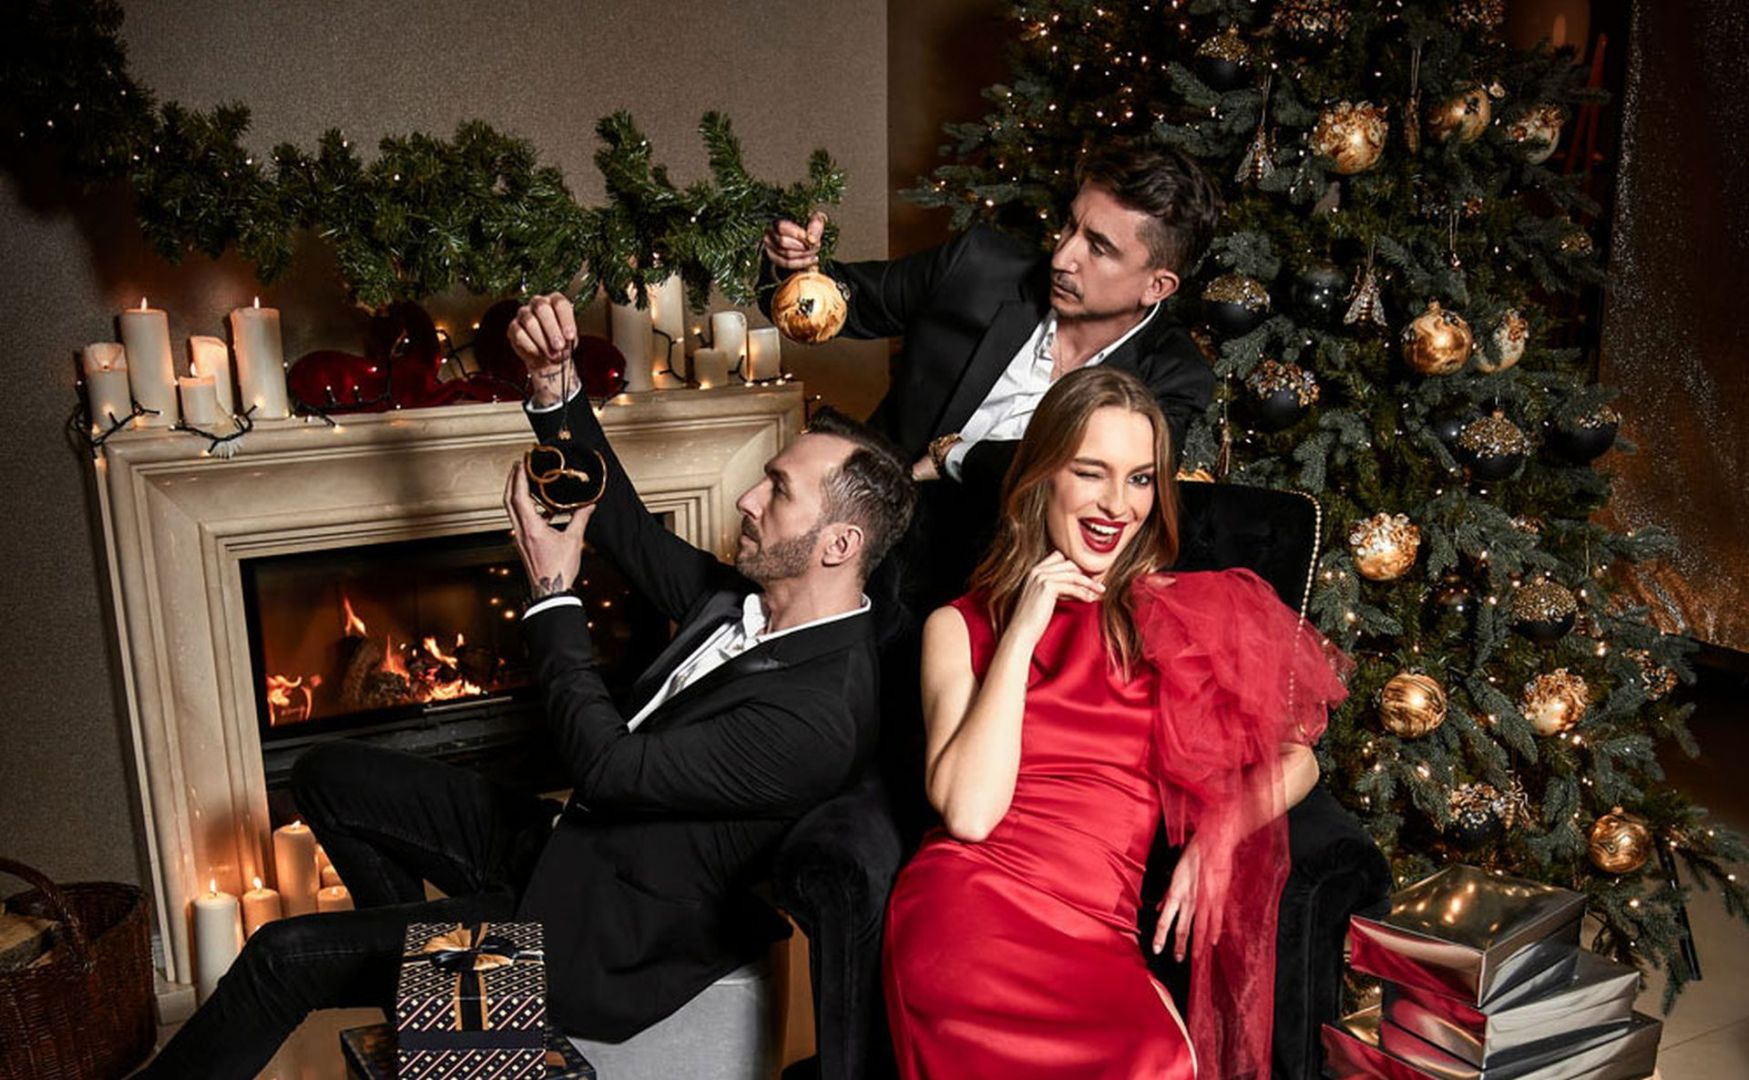 W klimat eleganckich Świąt wpiszą się nowe wzory zaprojektowane przez duet Paprocki&Brzozowski dla Miloo Home. W tym sezonie projektanci mody proponują dwa zestawy bombek. Fot. Miloo Home